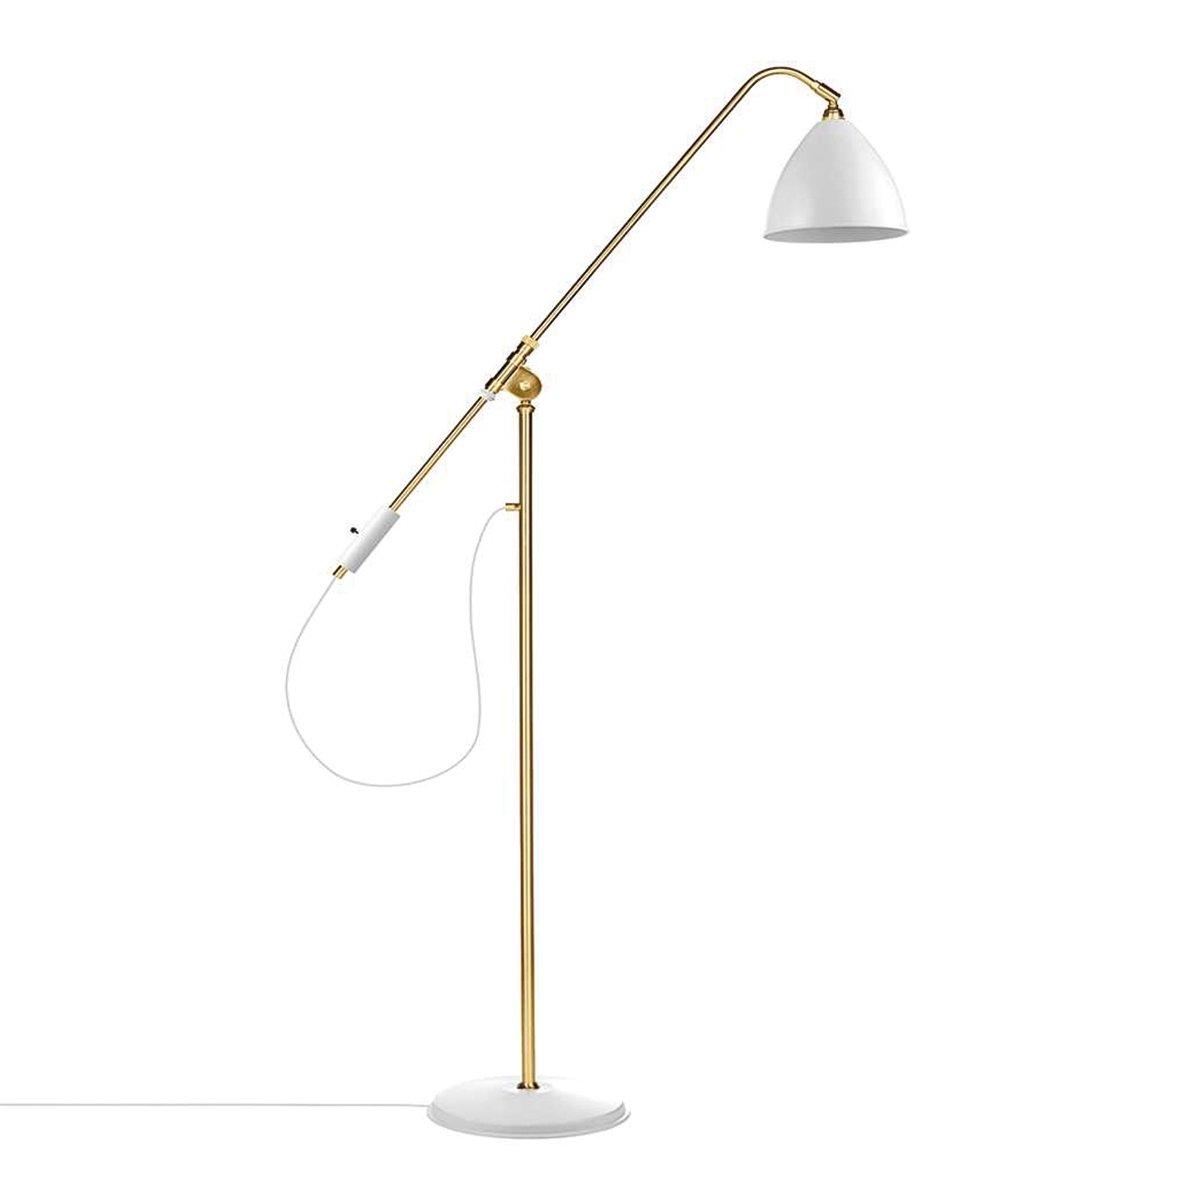 Gubi Bestlite BL4 Vloerlamp Wit Messing